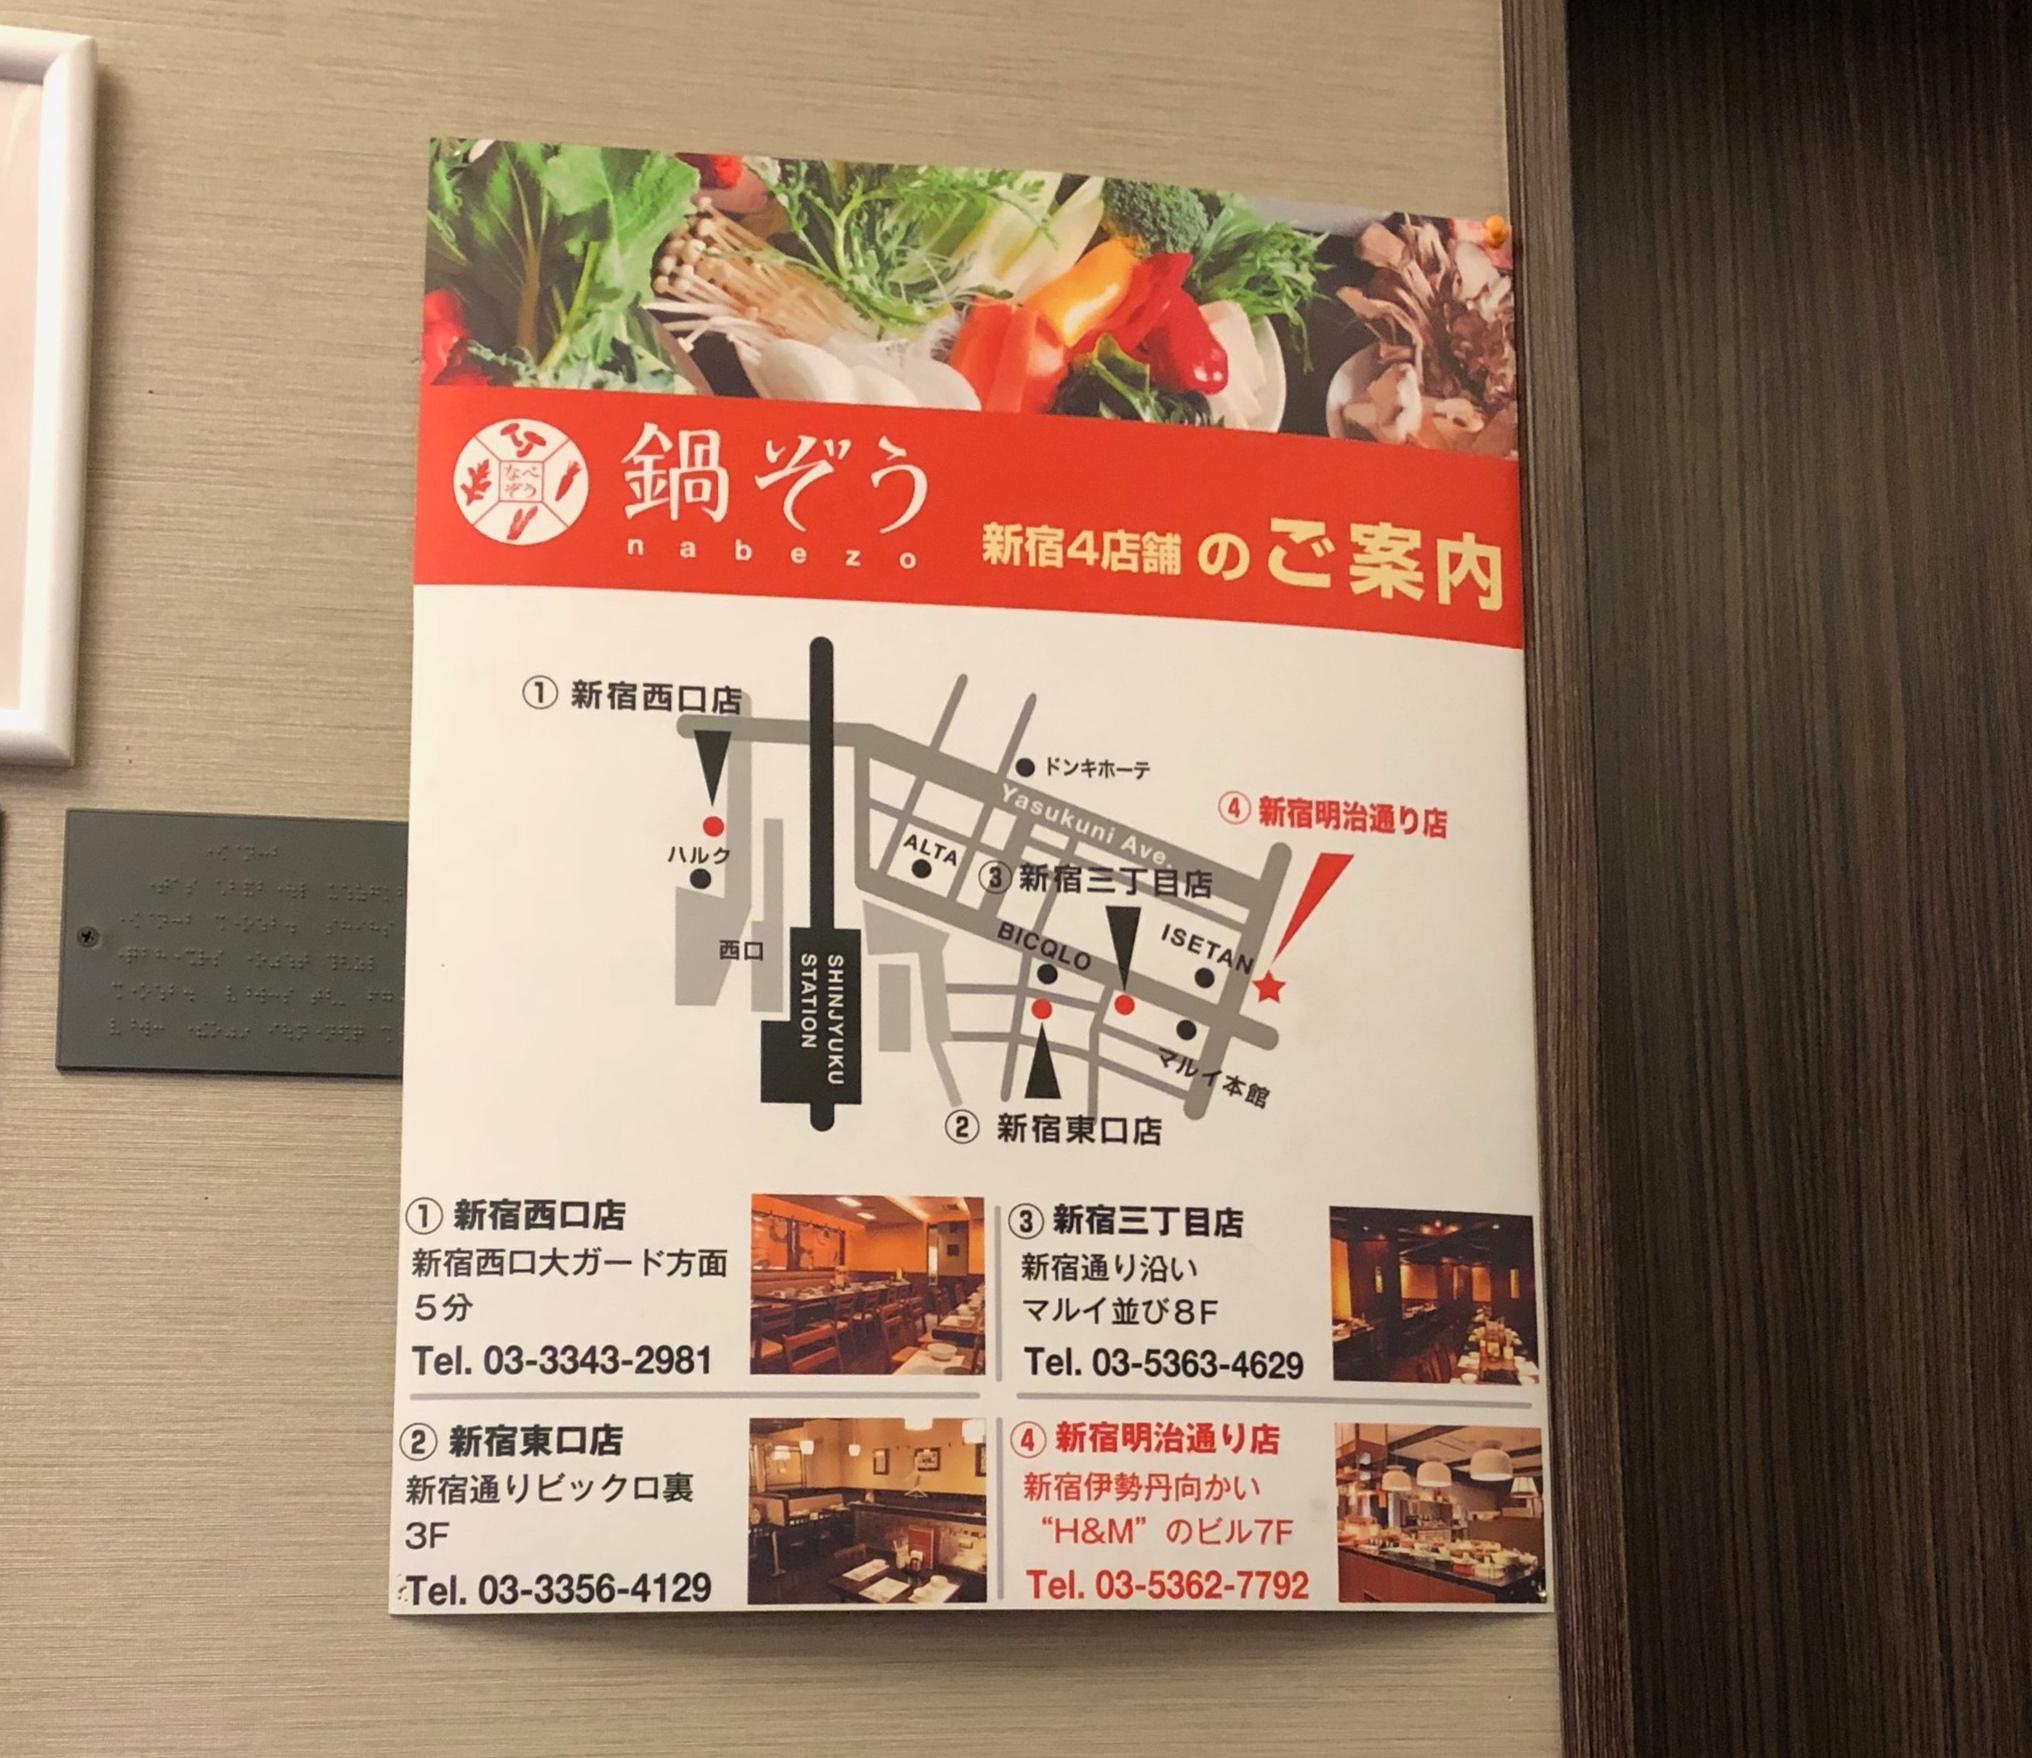 Eating in Tokyo